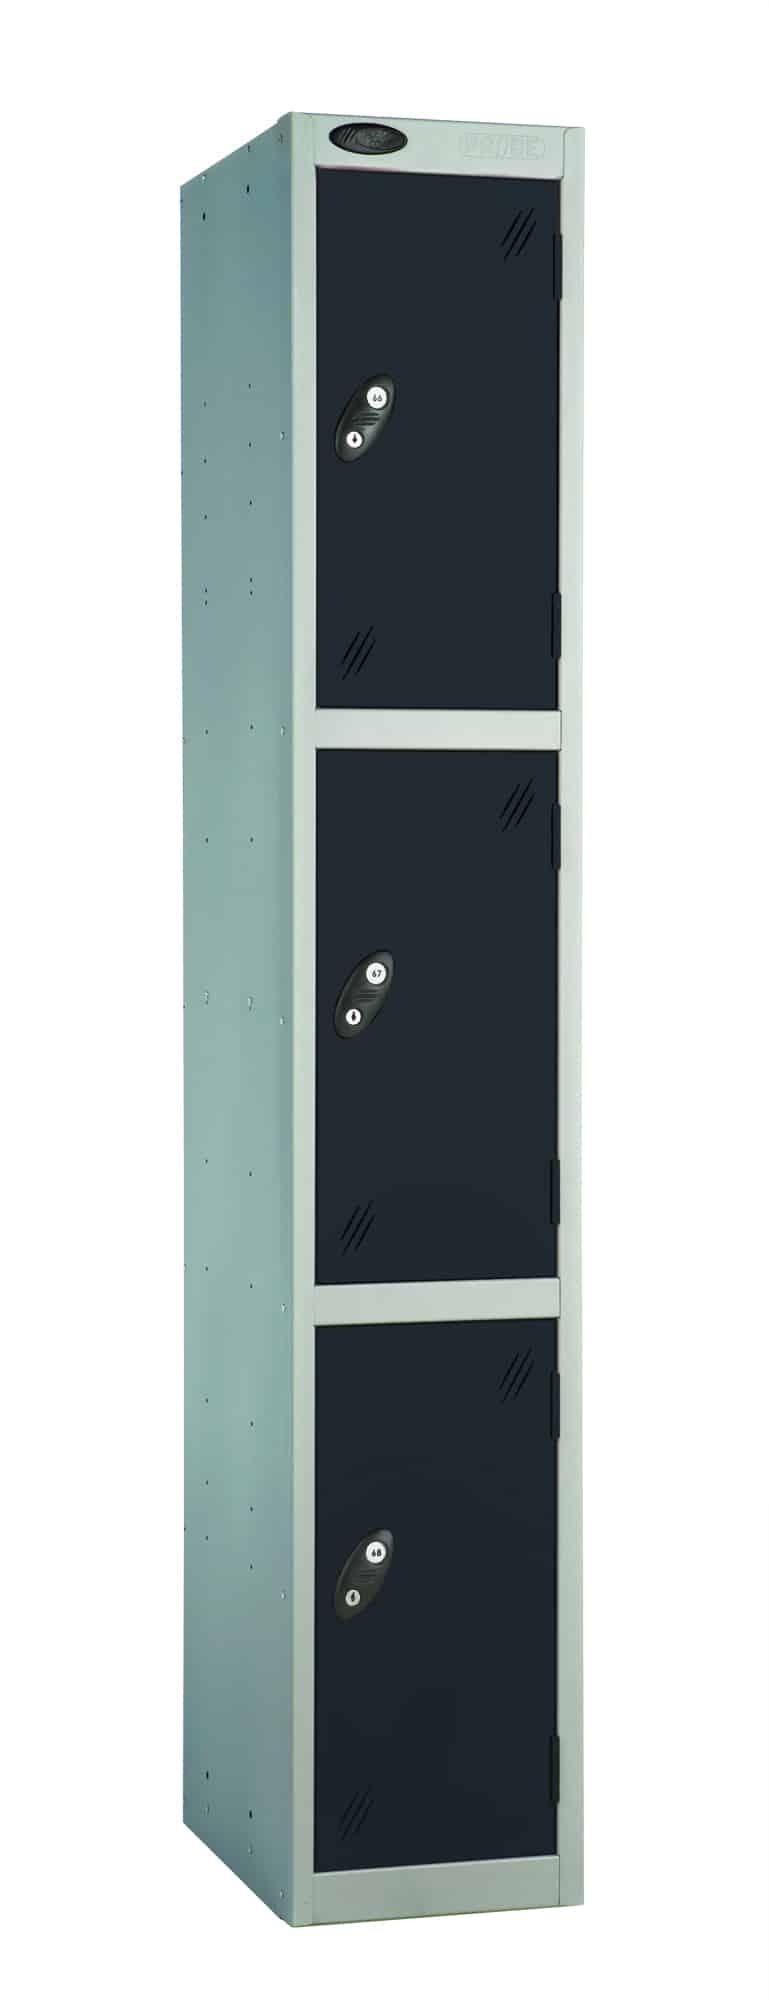 Probe Locker - 3 Compartment